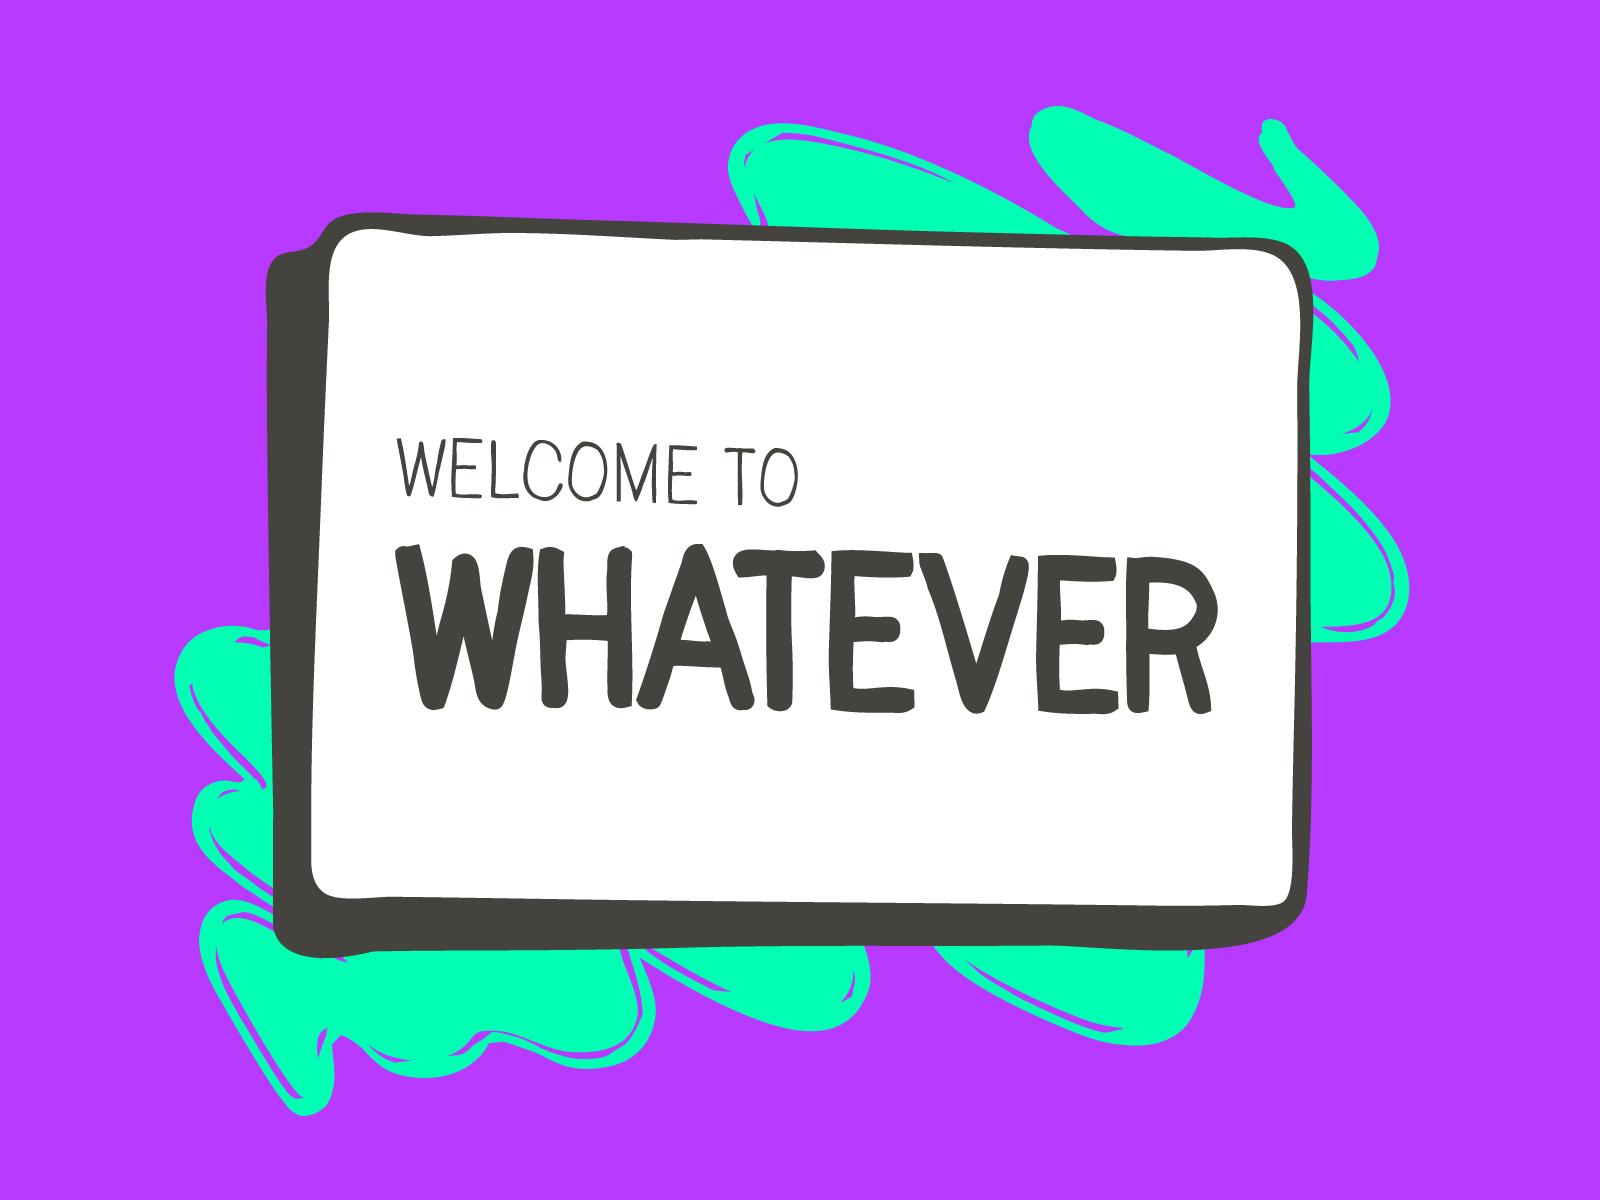 Welcometowhatever